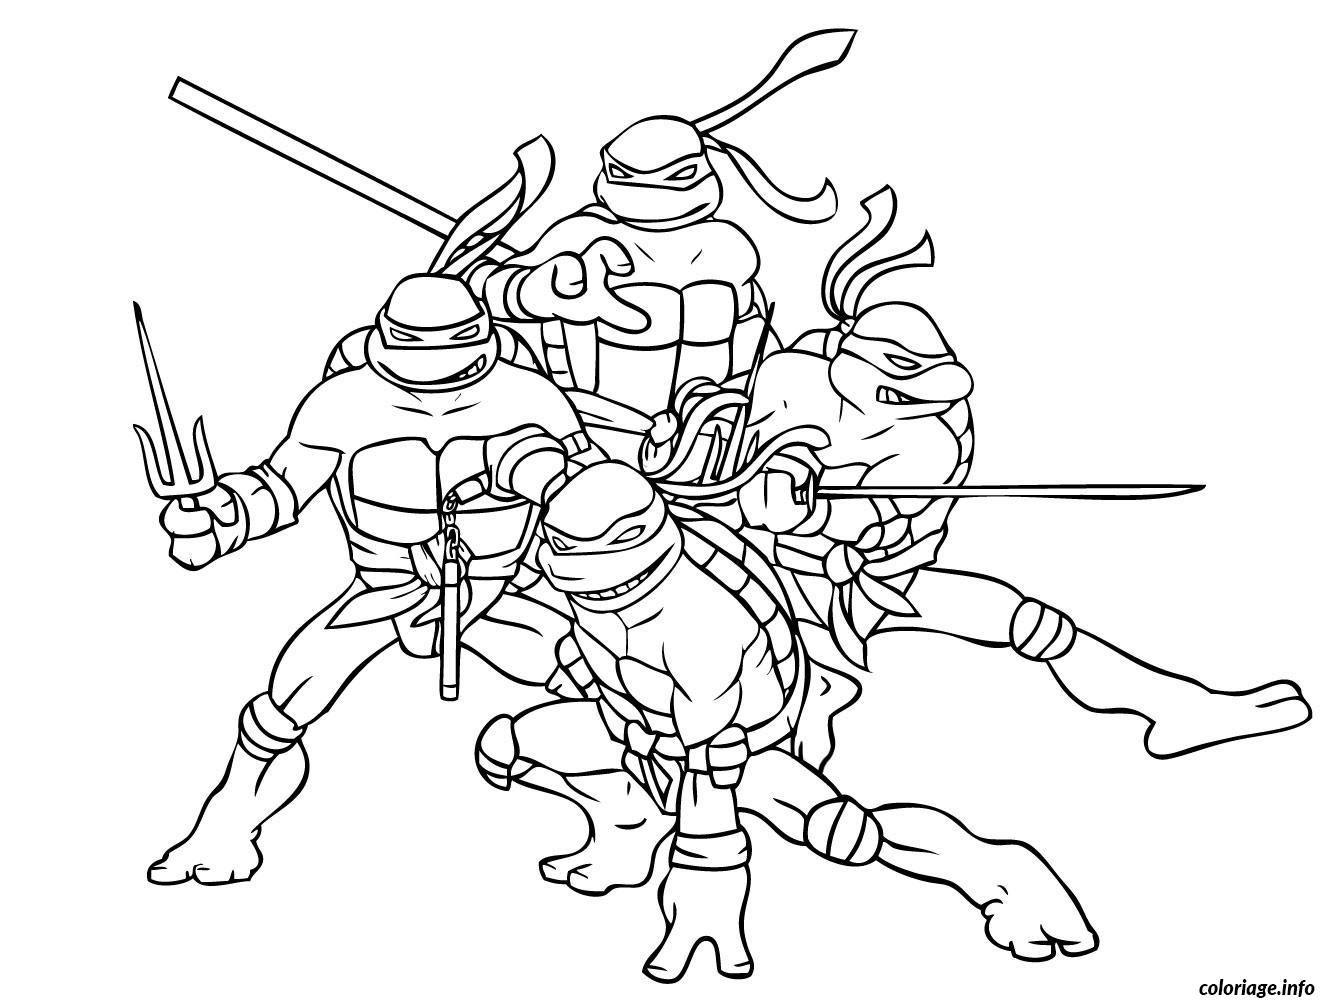 Coloriage Tortue Ninja 6 Dessin À Imprimer | Coloriage intérieur Coloriage Tortue Ninja A Imprimer Gratuit